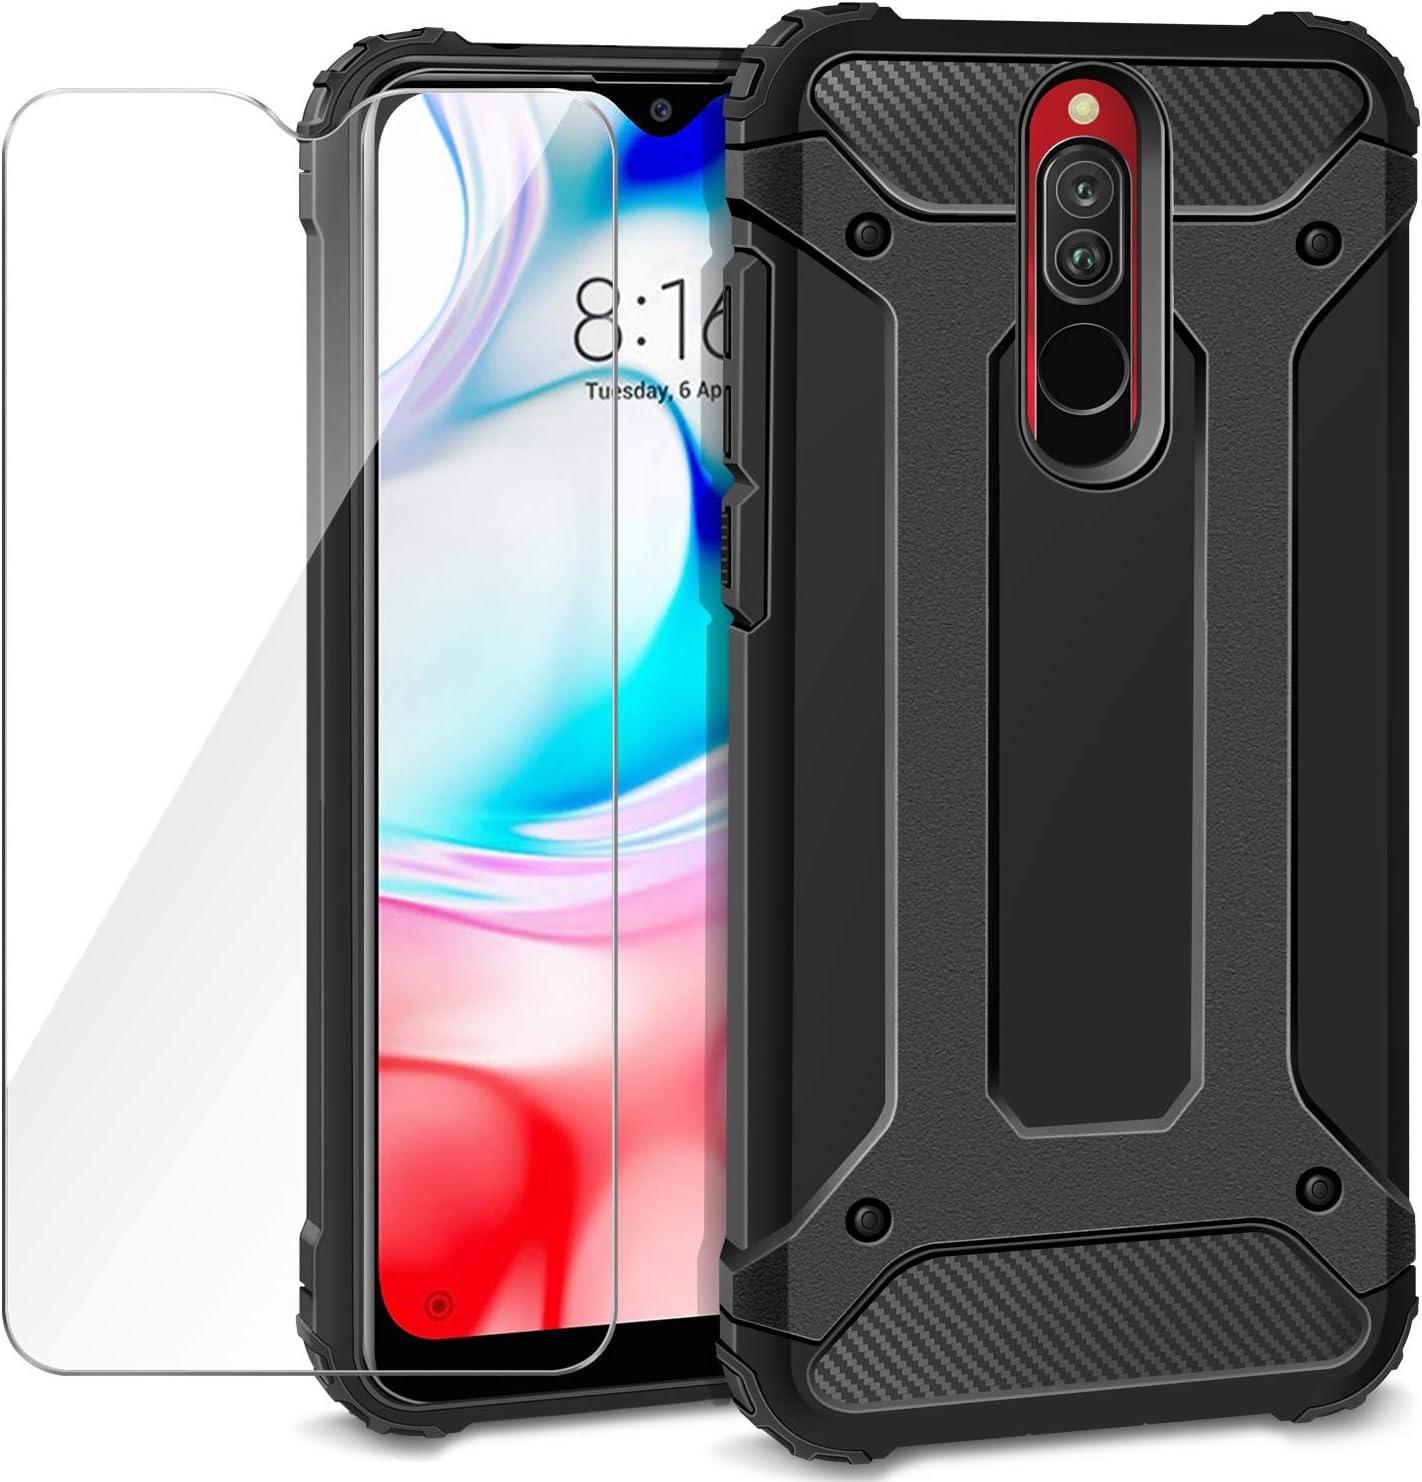 AROYI Funda Xiaomi Redmi 8 + Protectores de Pantalla en Cristal Templado, Robusta Carcasa Híbrida TPU + PC de Doble Capa Anti-arañazos Caso para Xiaomi Redmi 8, Negro